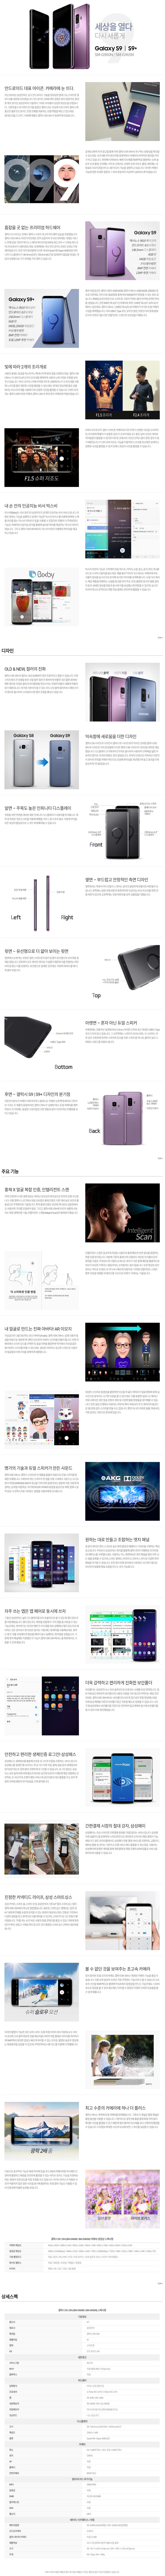 http://www.kt-mobile.com/bs/se2/imgup/1523119953g960_00.jpg